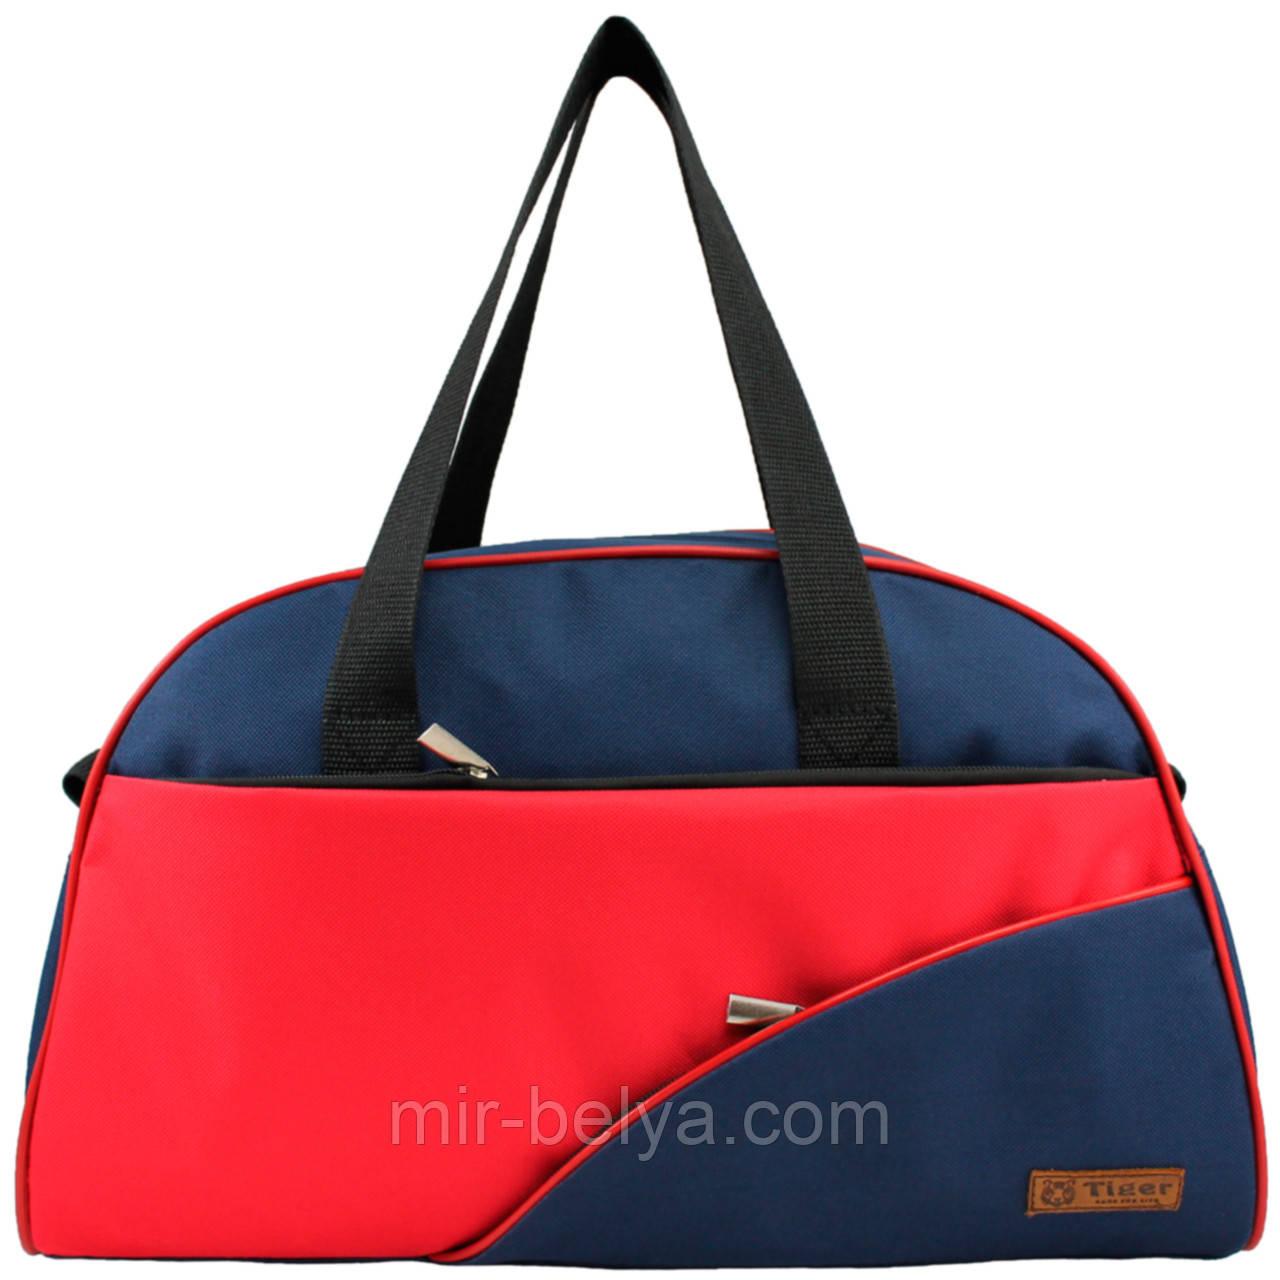 Сумки фитнес Tiger спортивная сумка  сине-красная